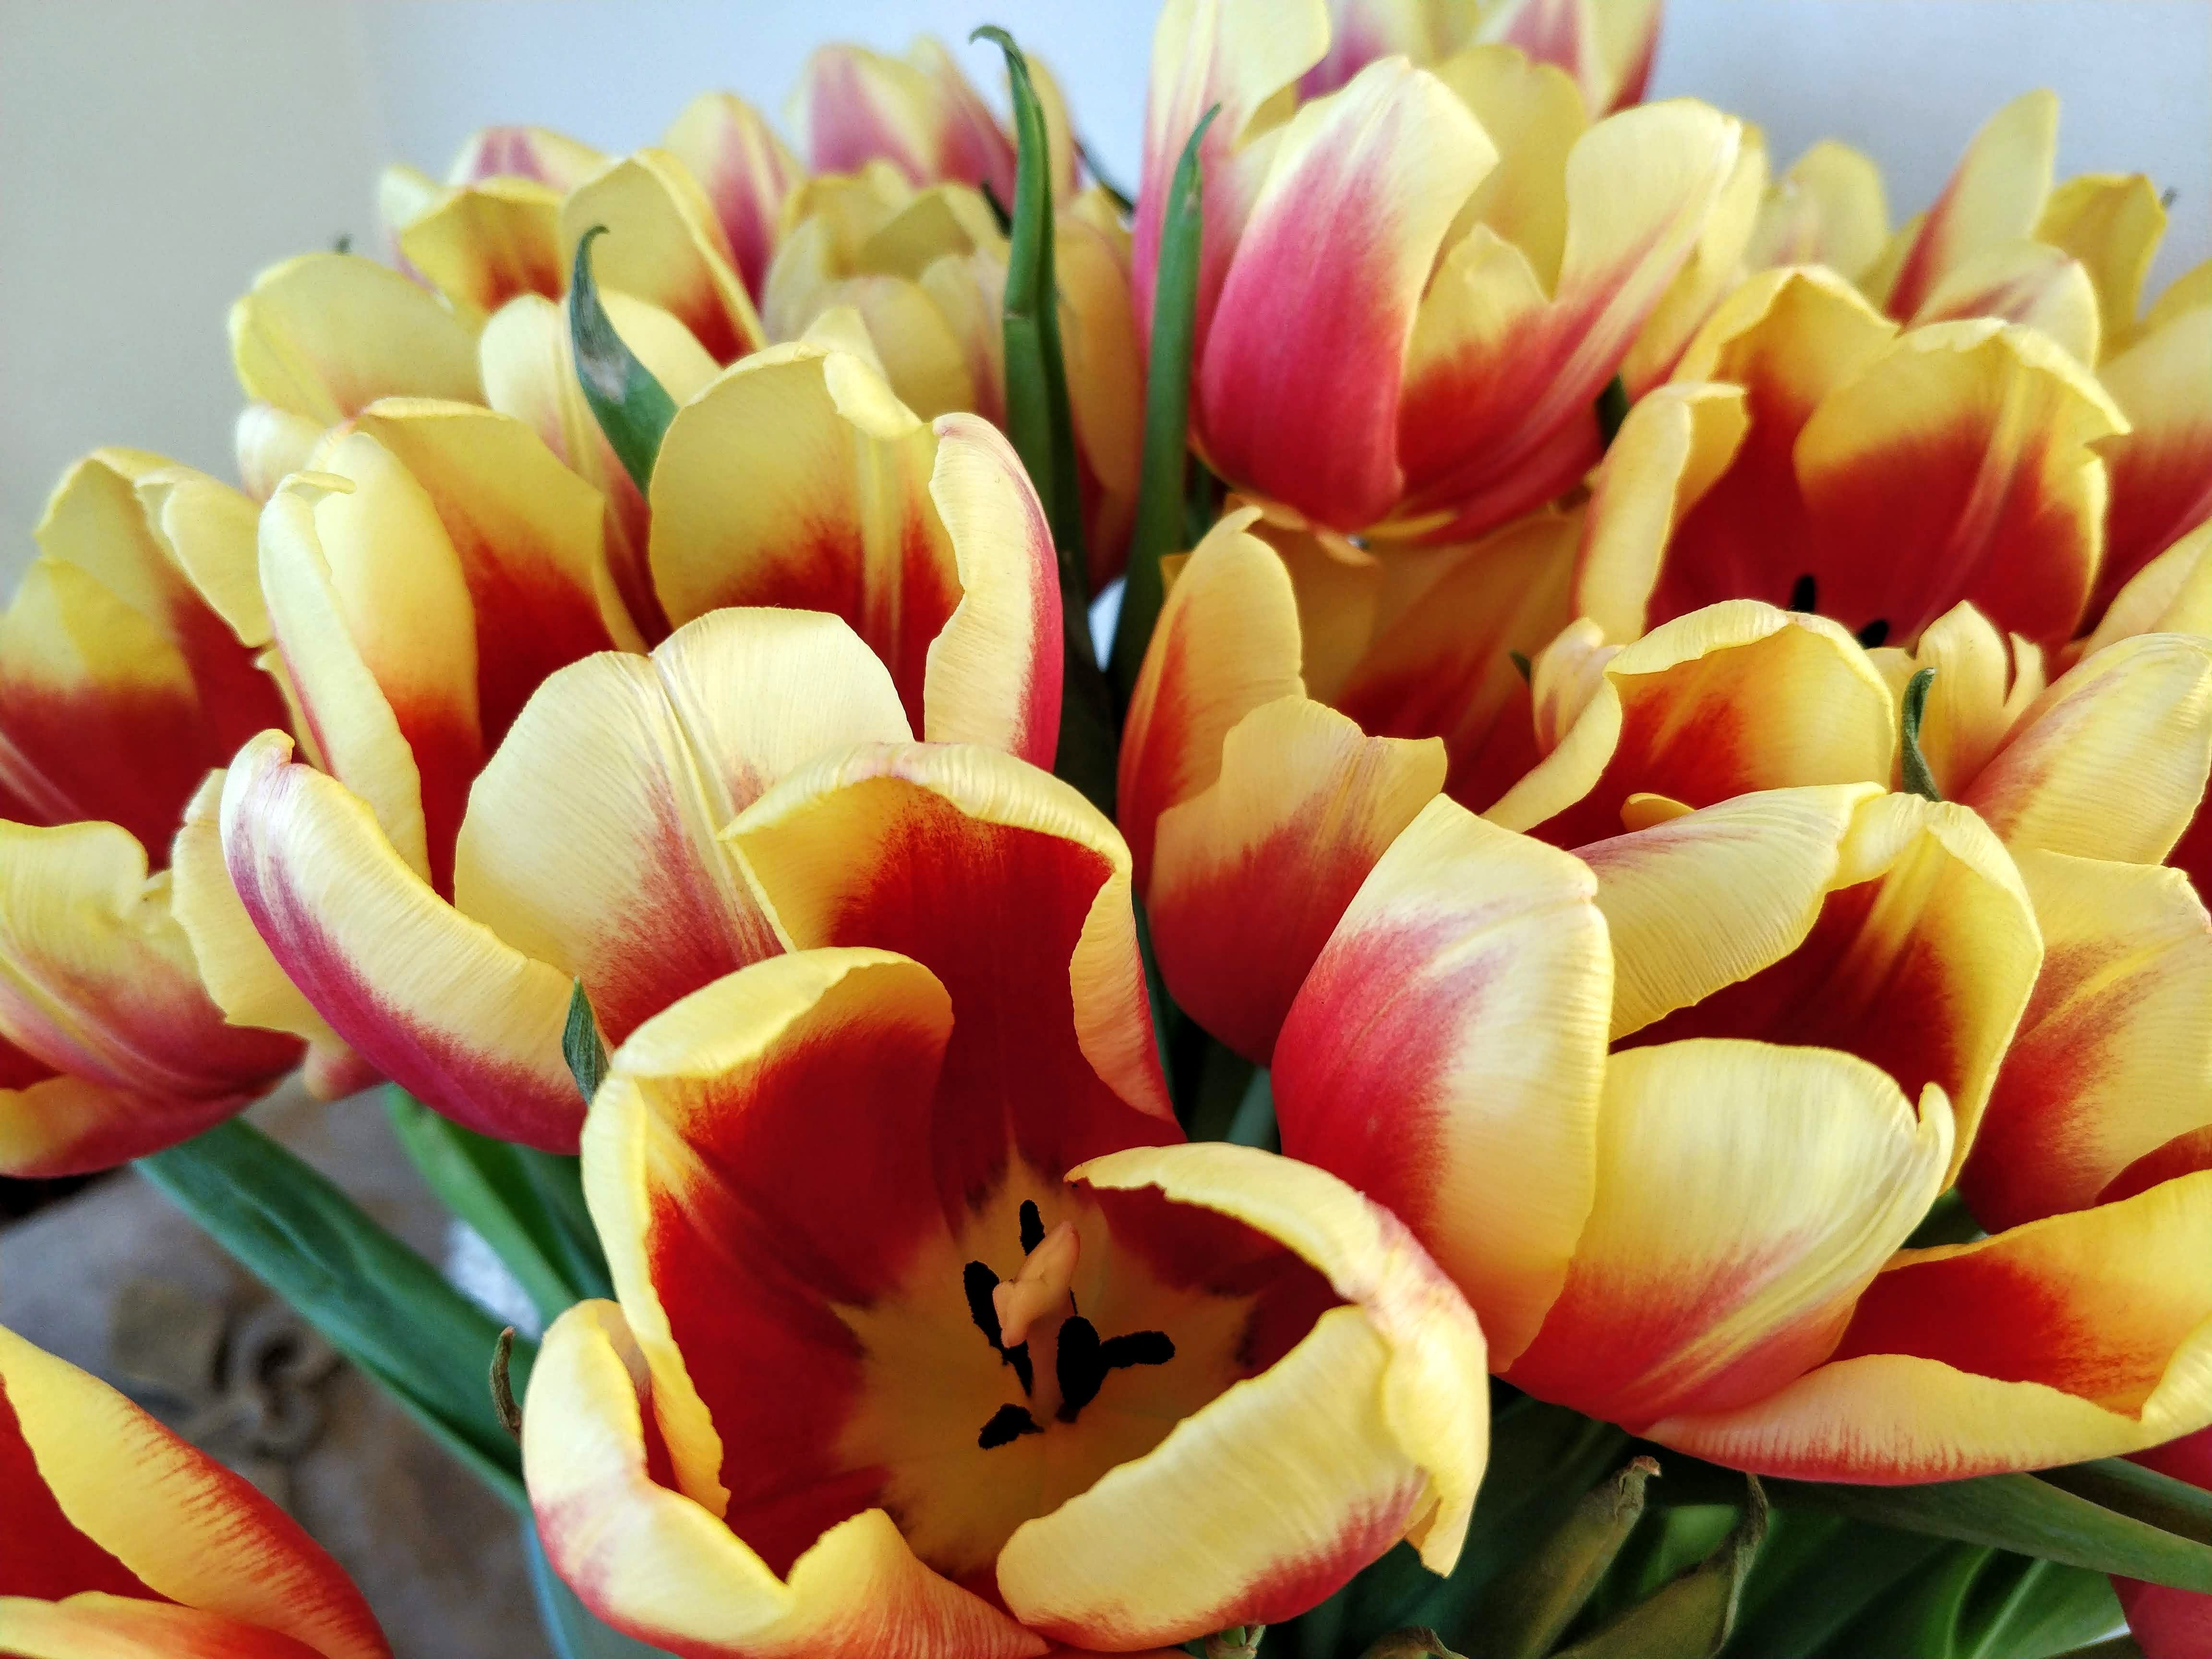 Gratis lagerfoto af forår, forårsblomster, røde tulipaner, Tulipaner